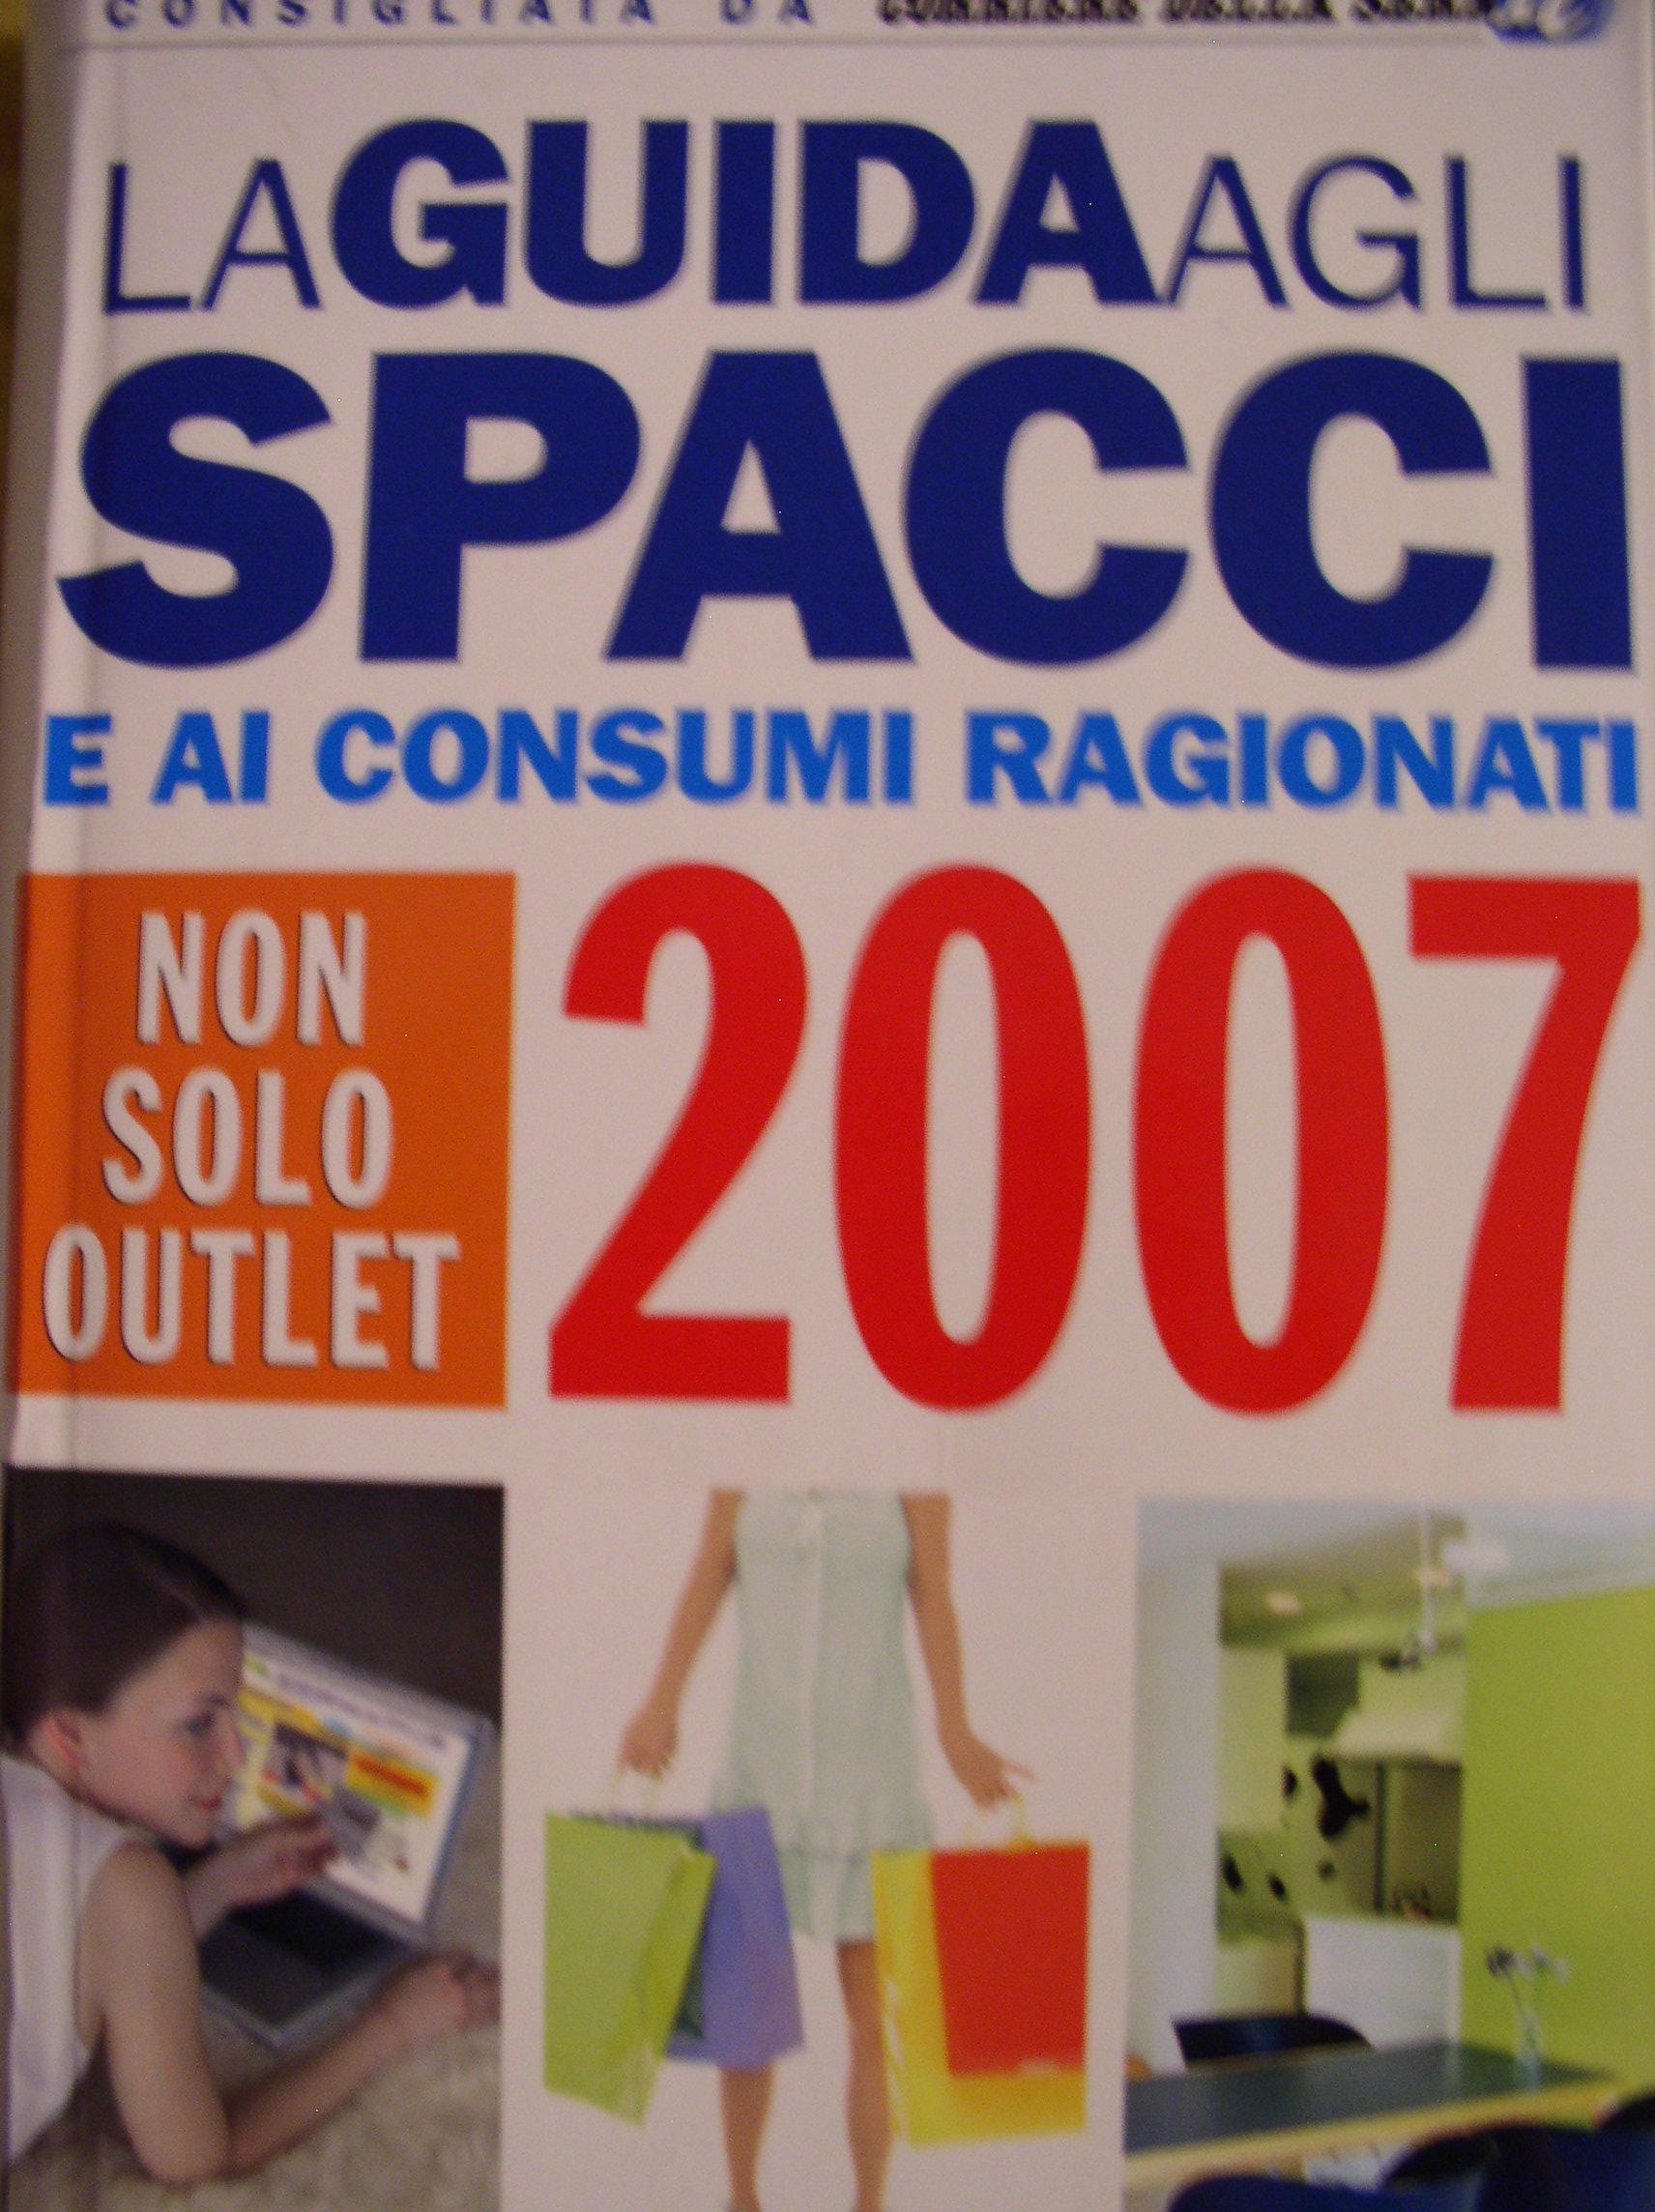 La guida agli spacci e ai consumi ragionati 2007